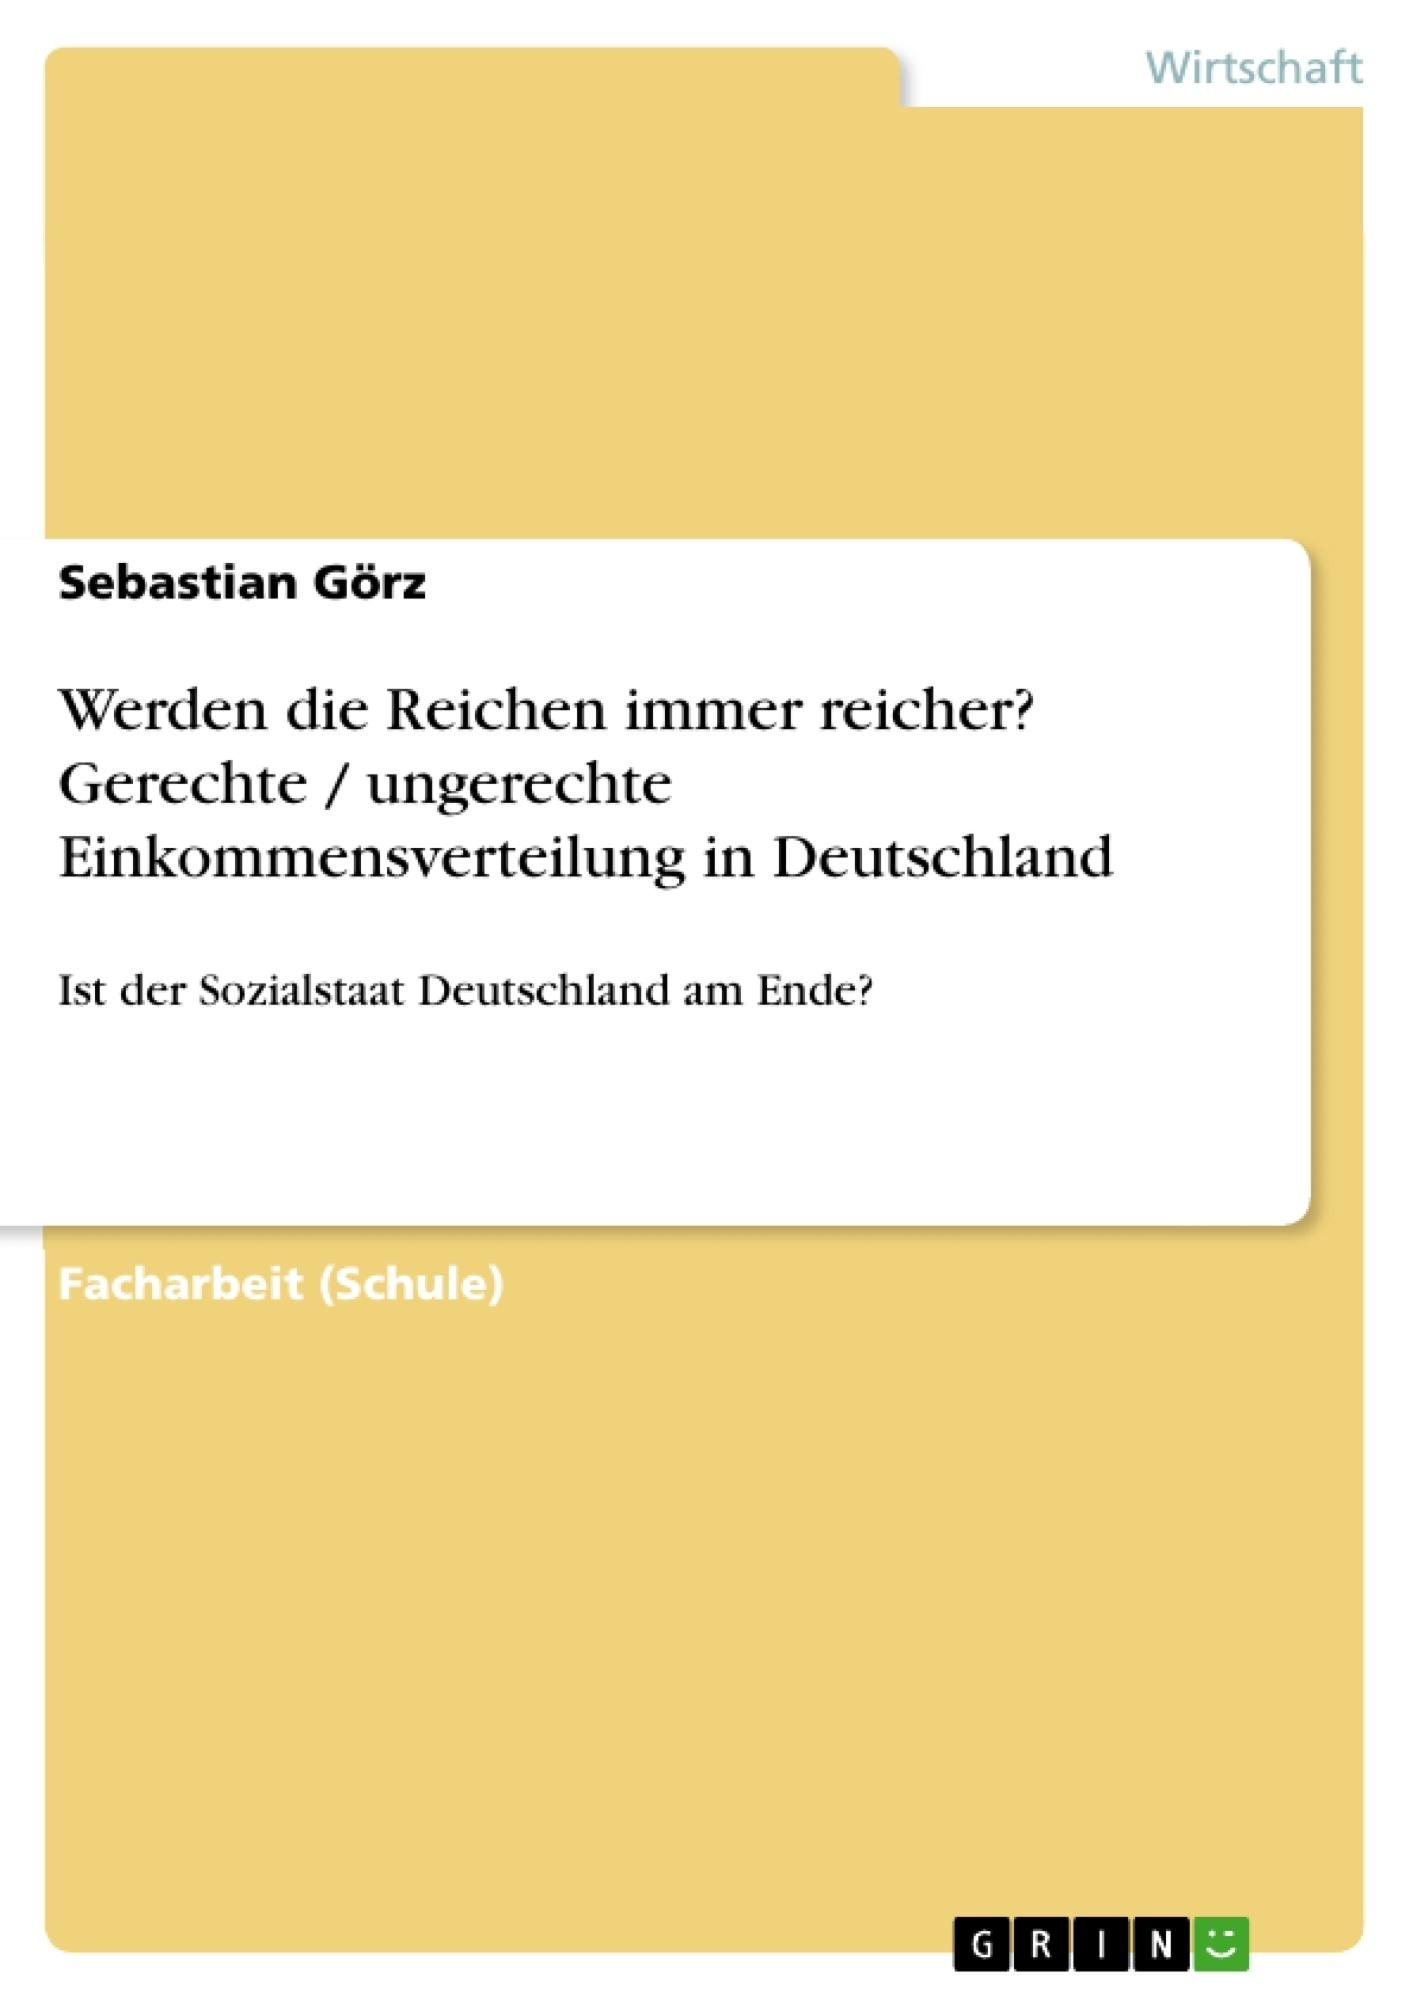 Titel: Werden die Reichen immer reicher? Gerechte / ungerechte Einkommensverteilung in Deutschland